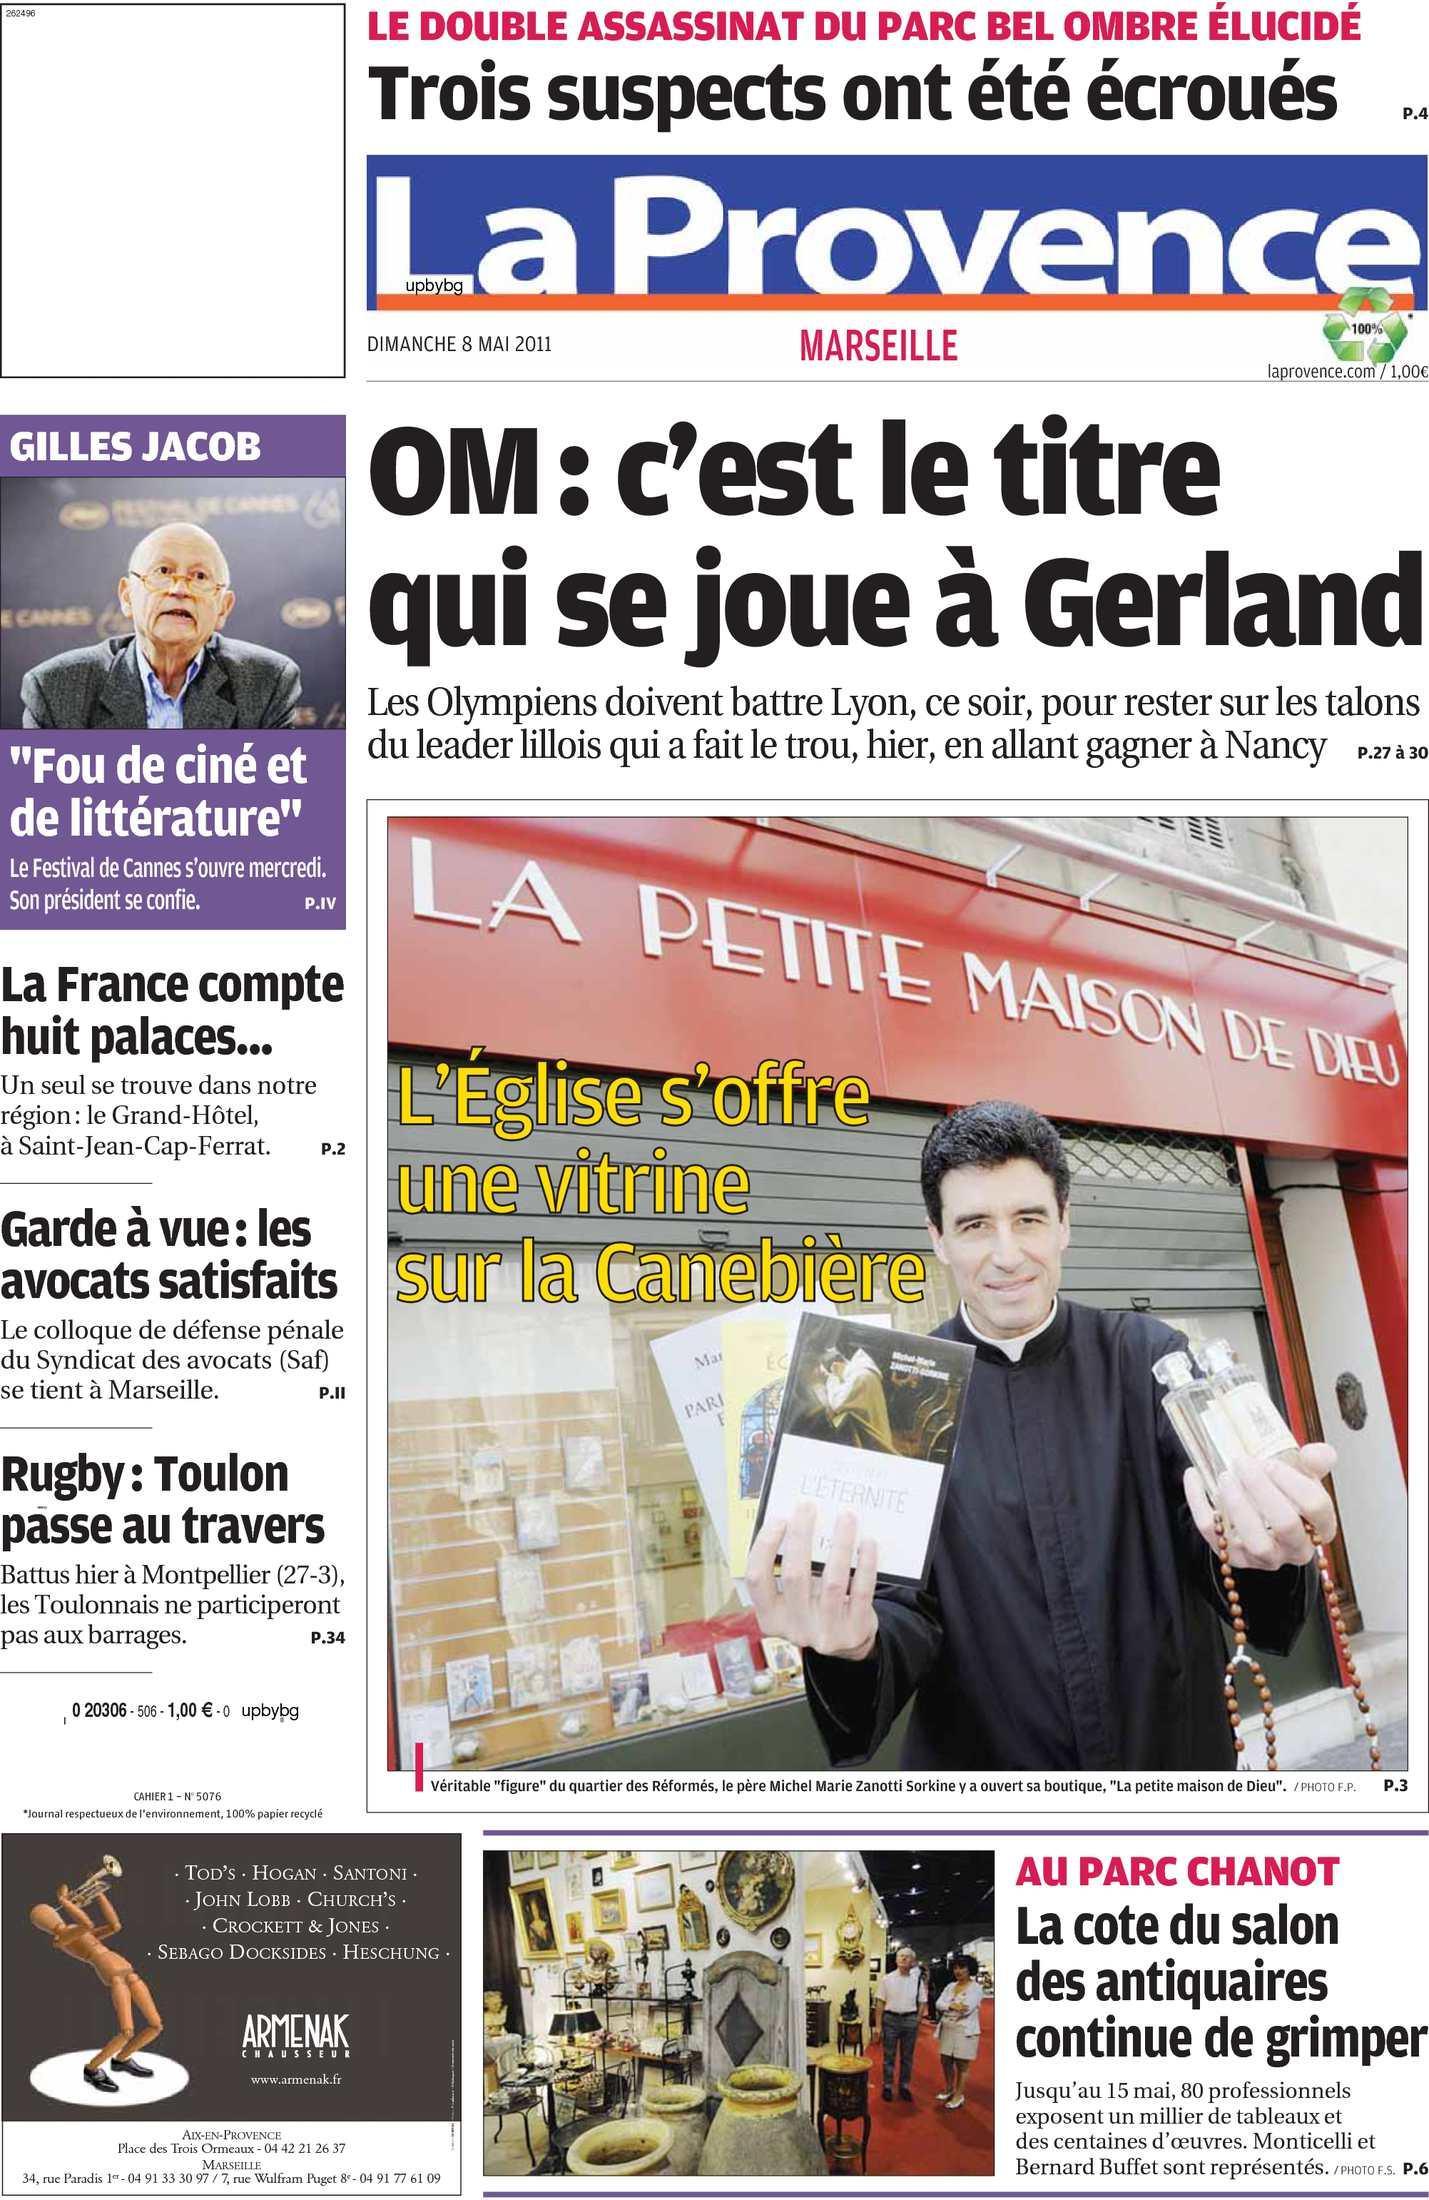 Foyer Logement Lyon Salon De Provence : Calaméo la provence dimanche mai